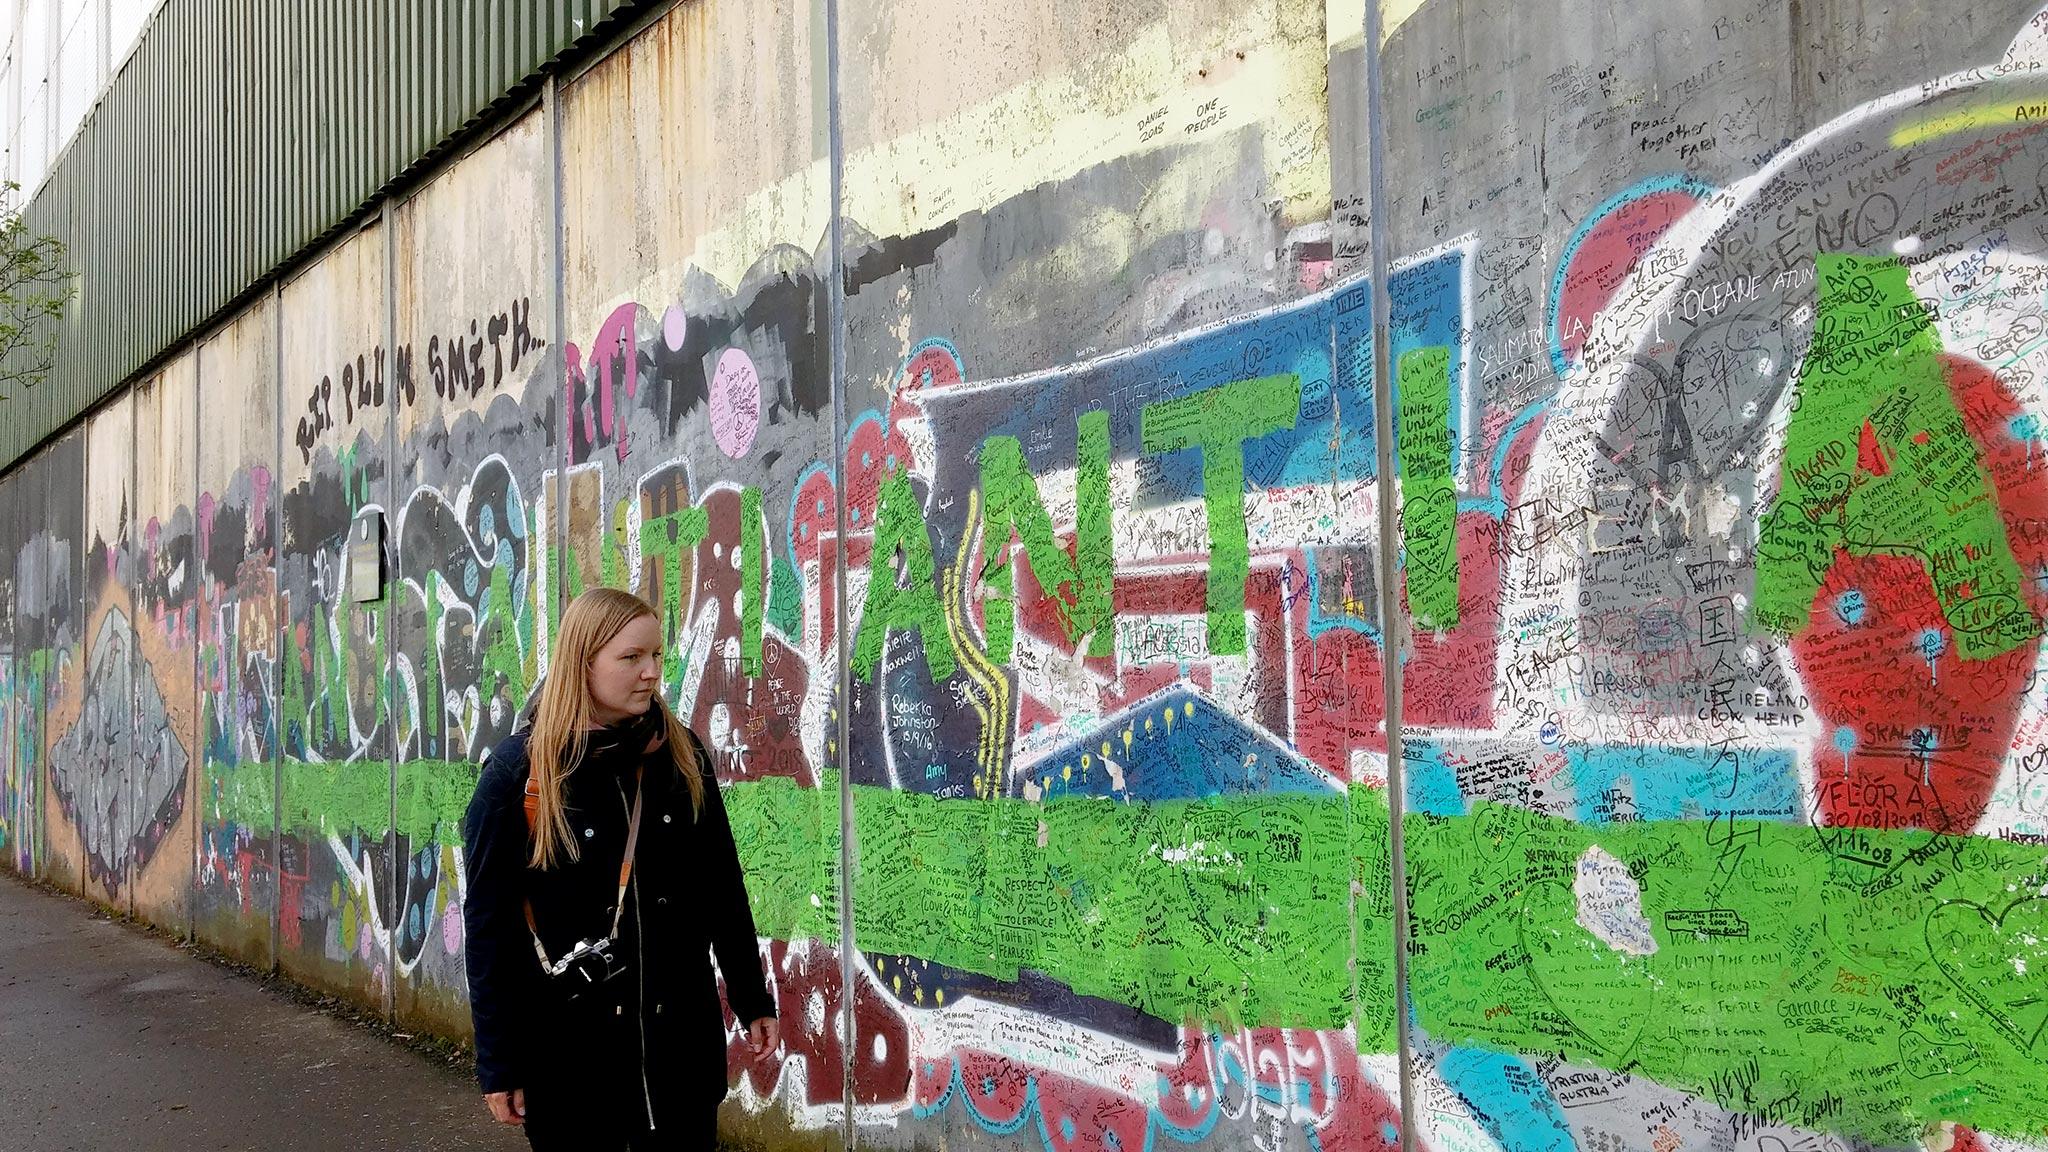 Belfastin muuri. Kuva: Lilja Laakso